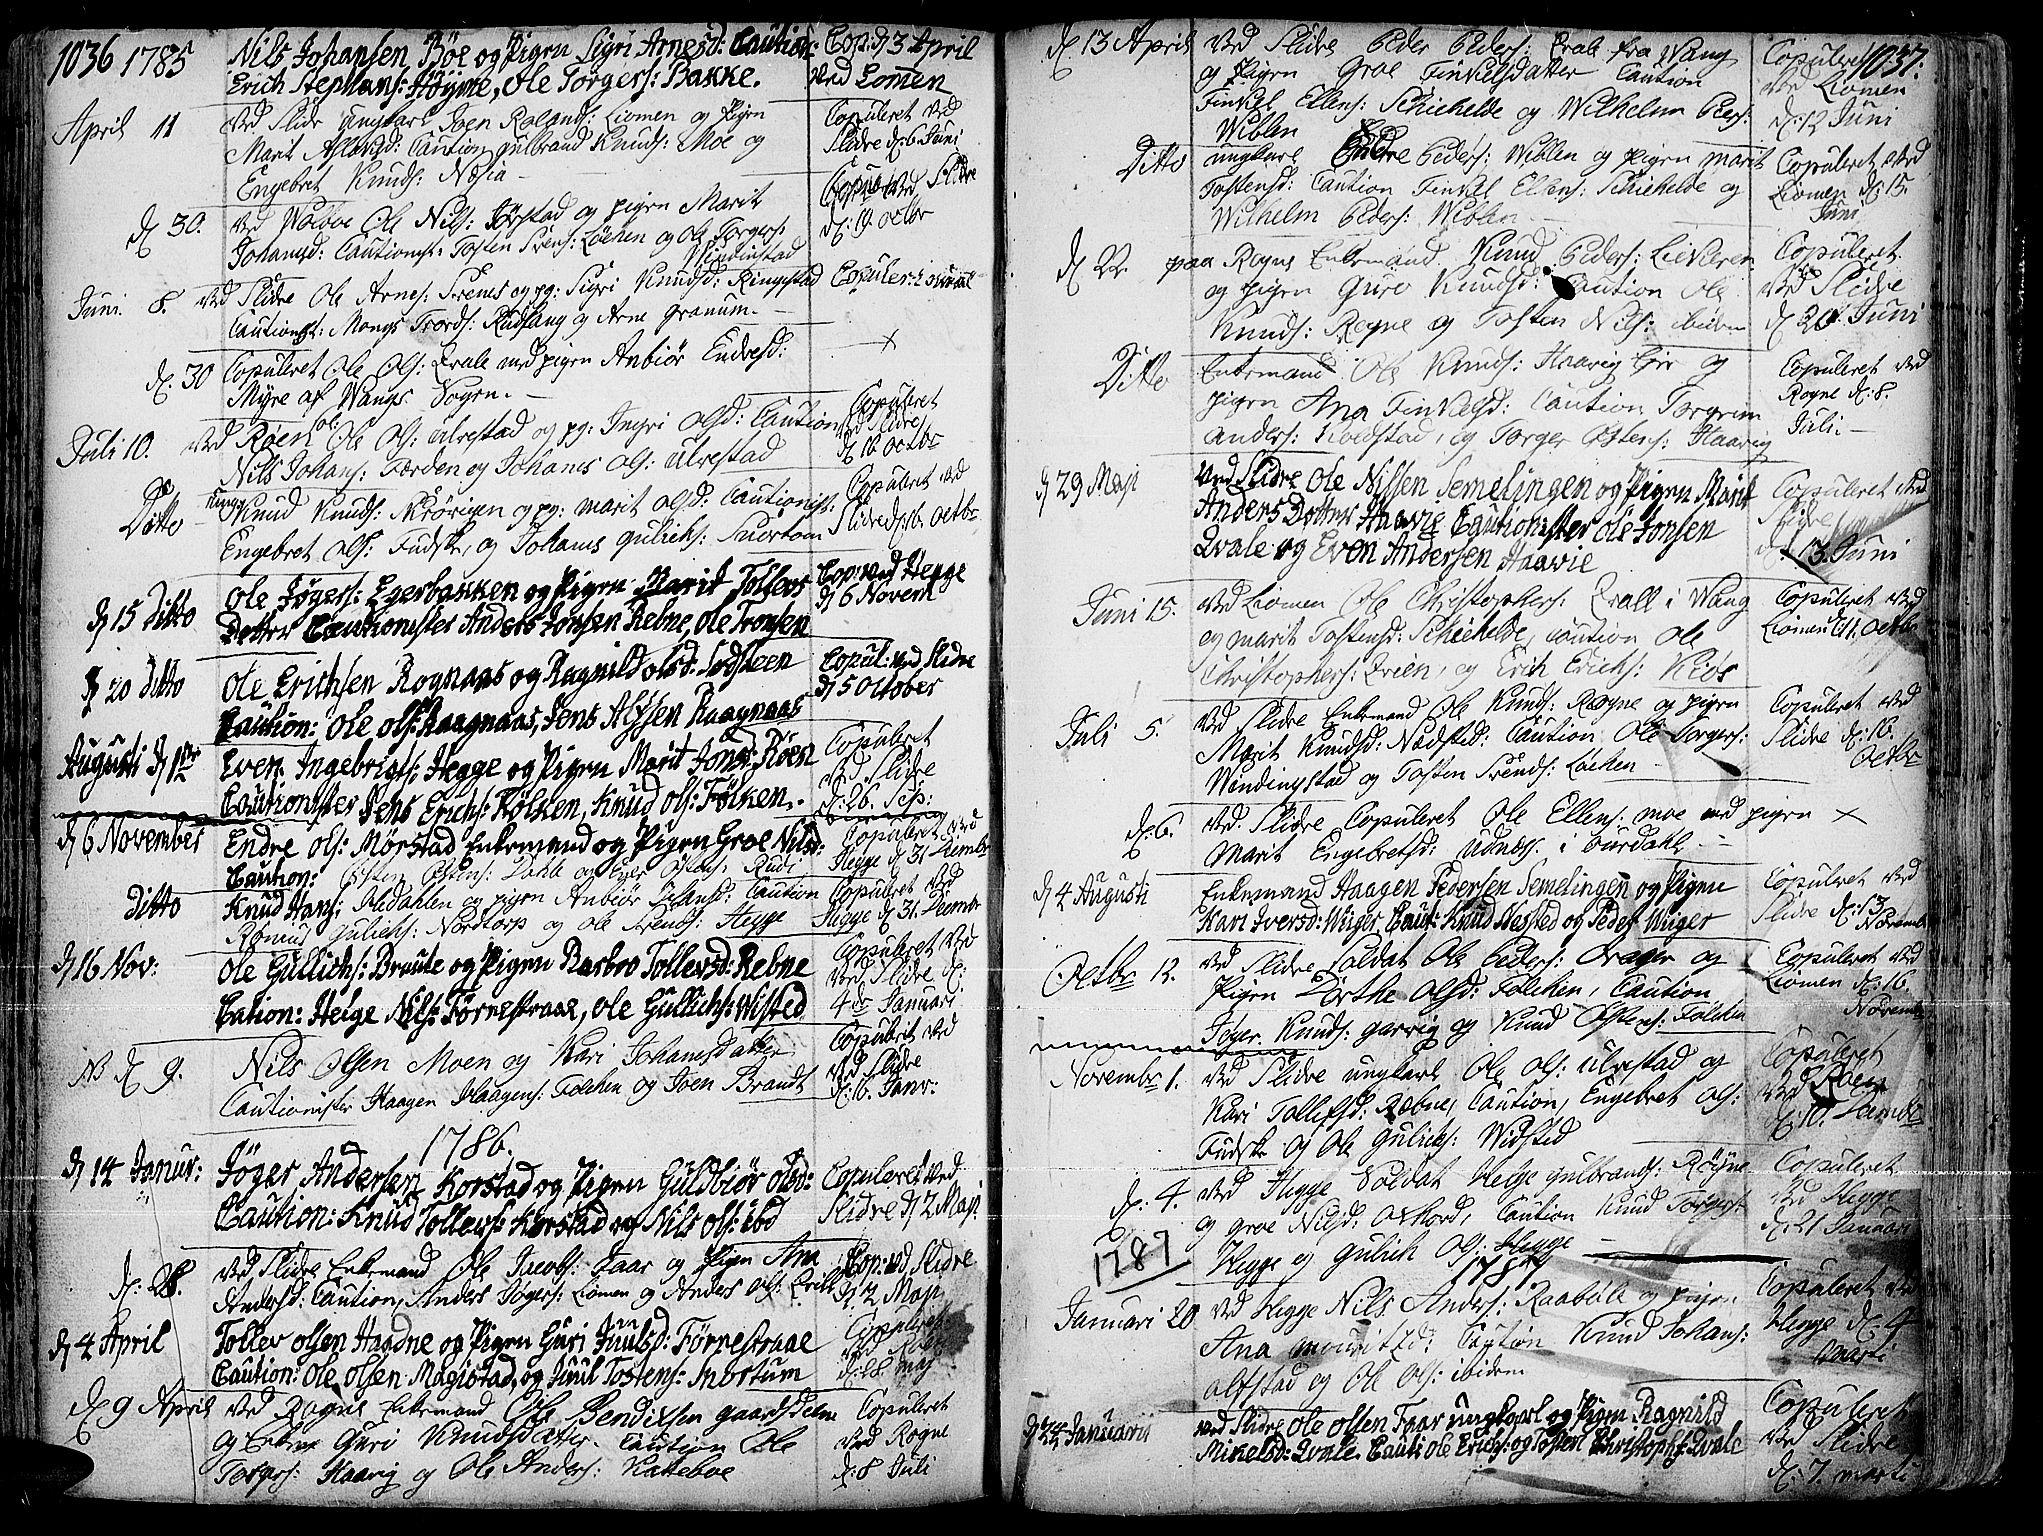 SAH, Slidre prestekontor, Ministerialbok nr. 1, 1724-1814, s. 1036-1037